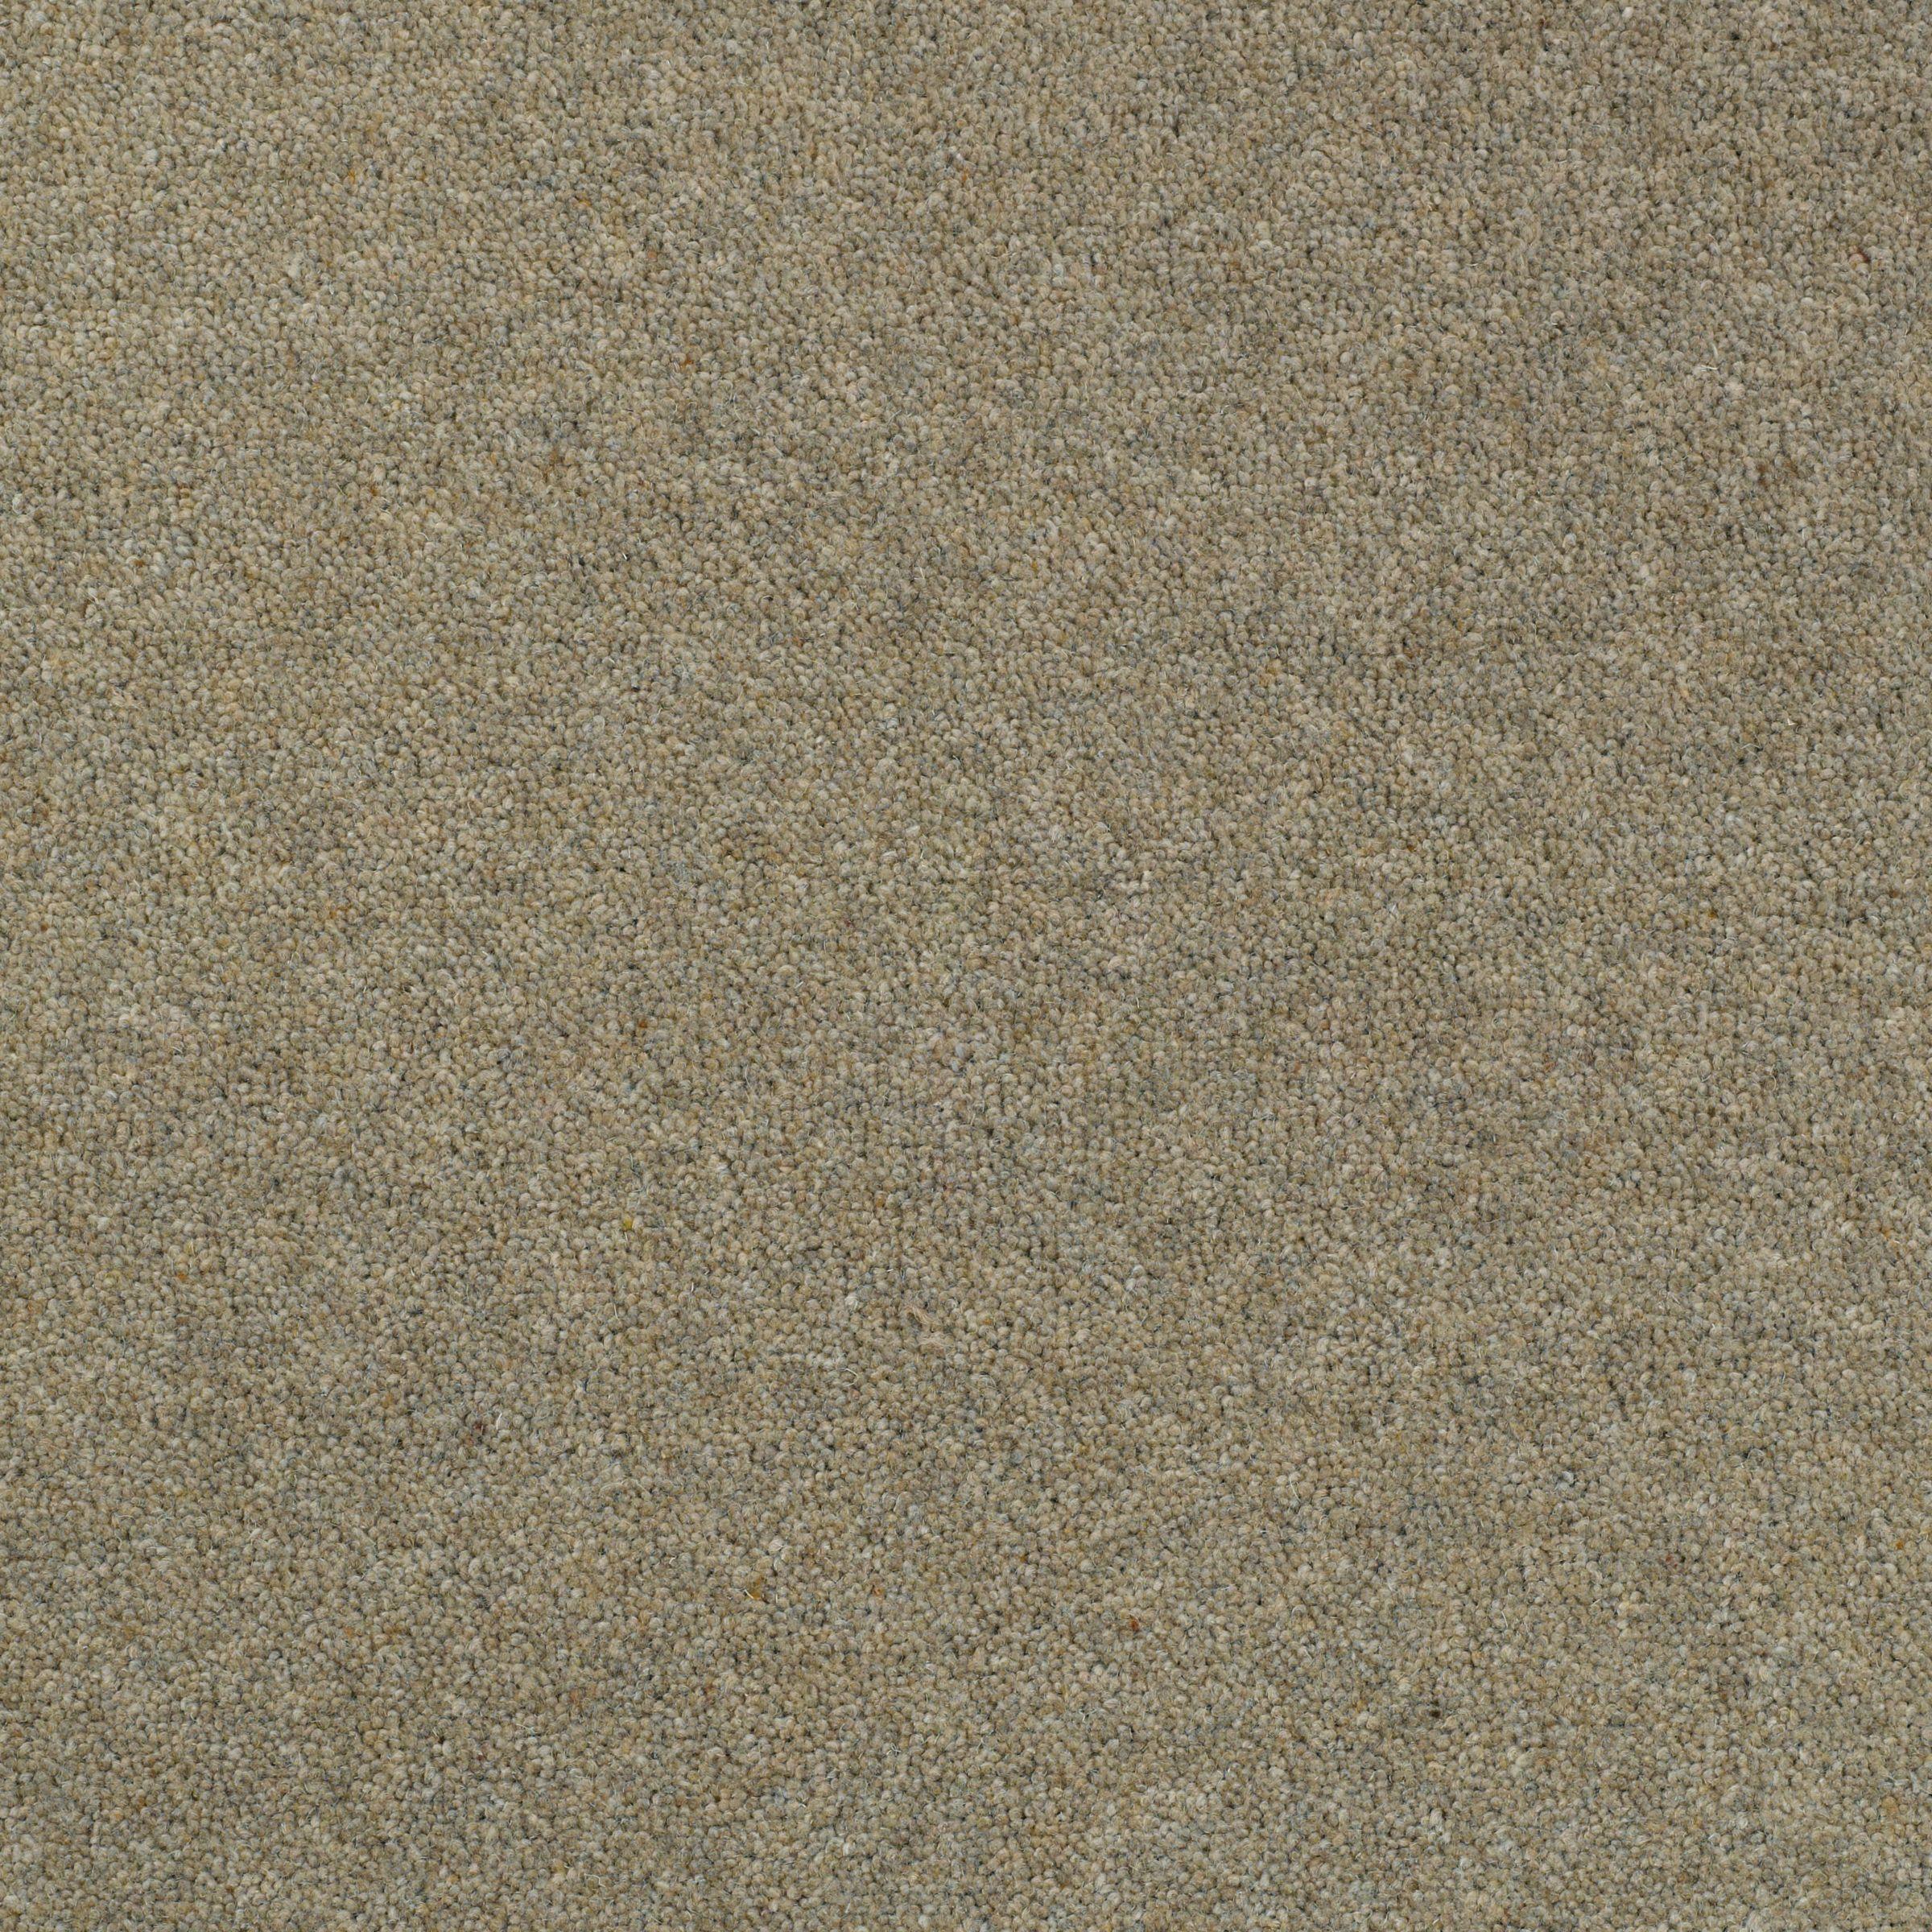 Best John Lewis Partners Durham 40Oz Twist Pile Carpet 400 x 300